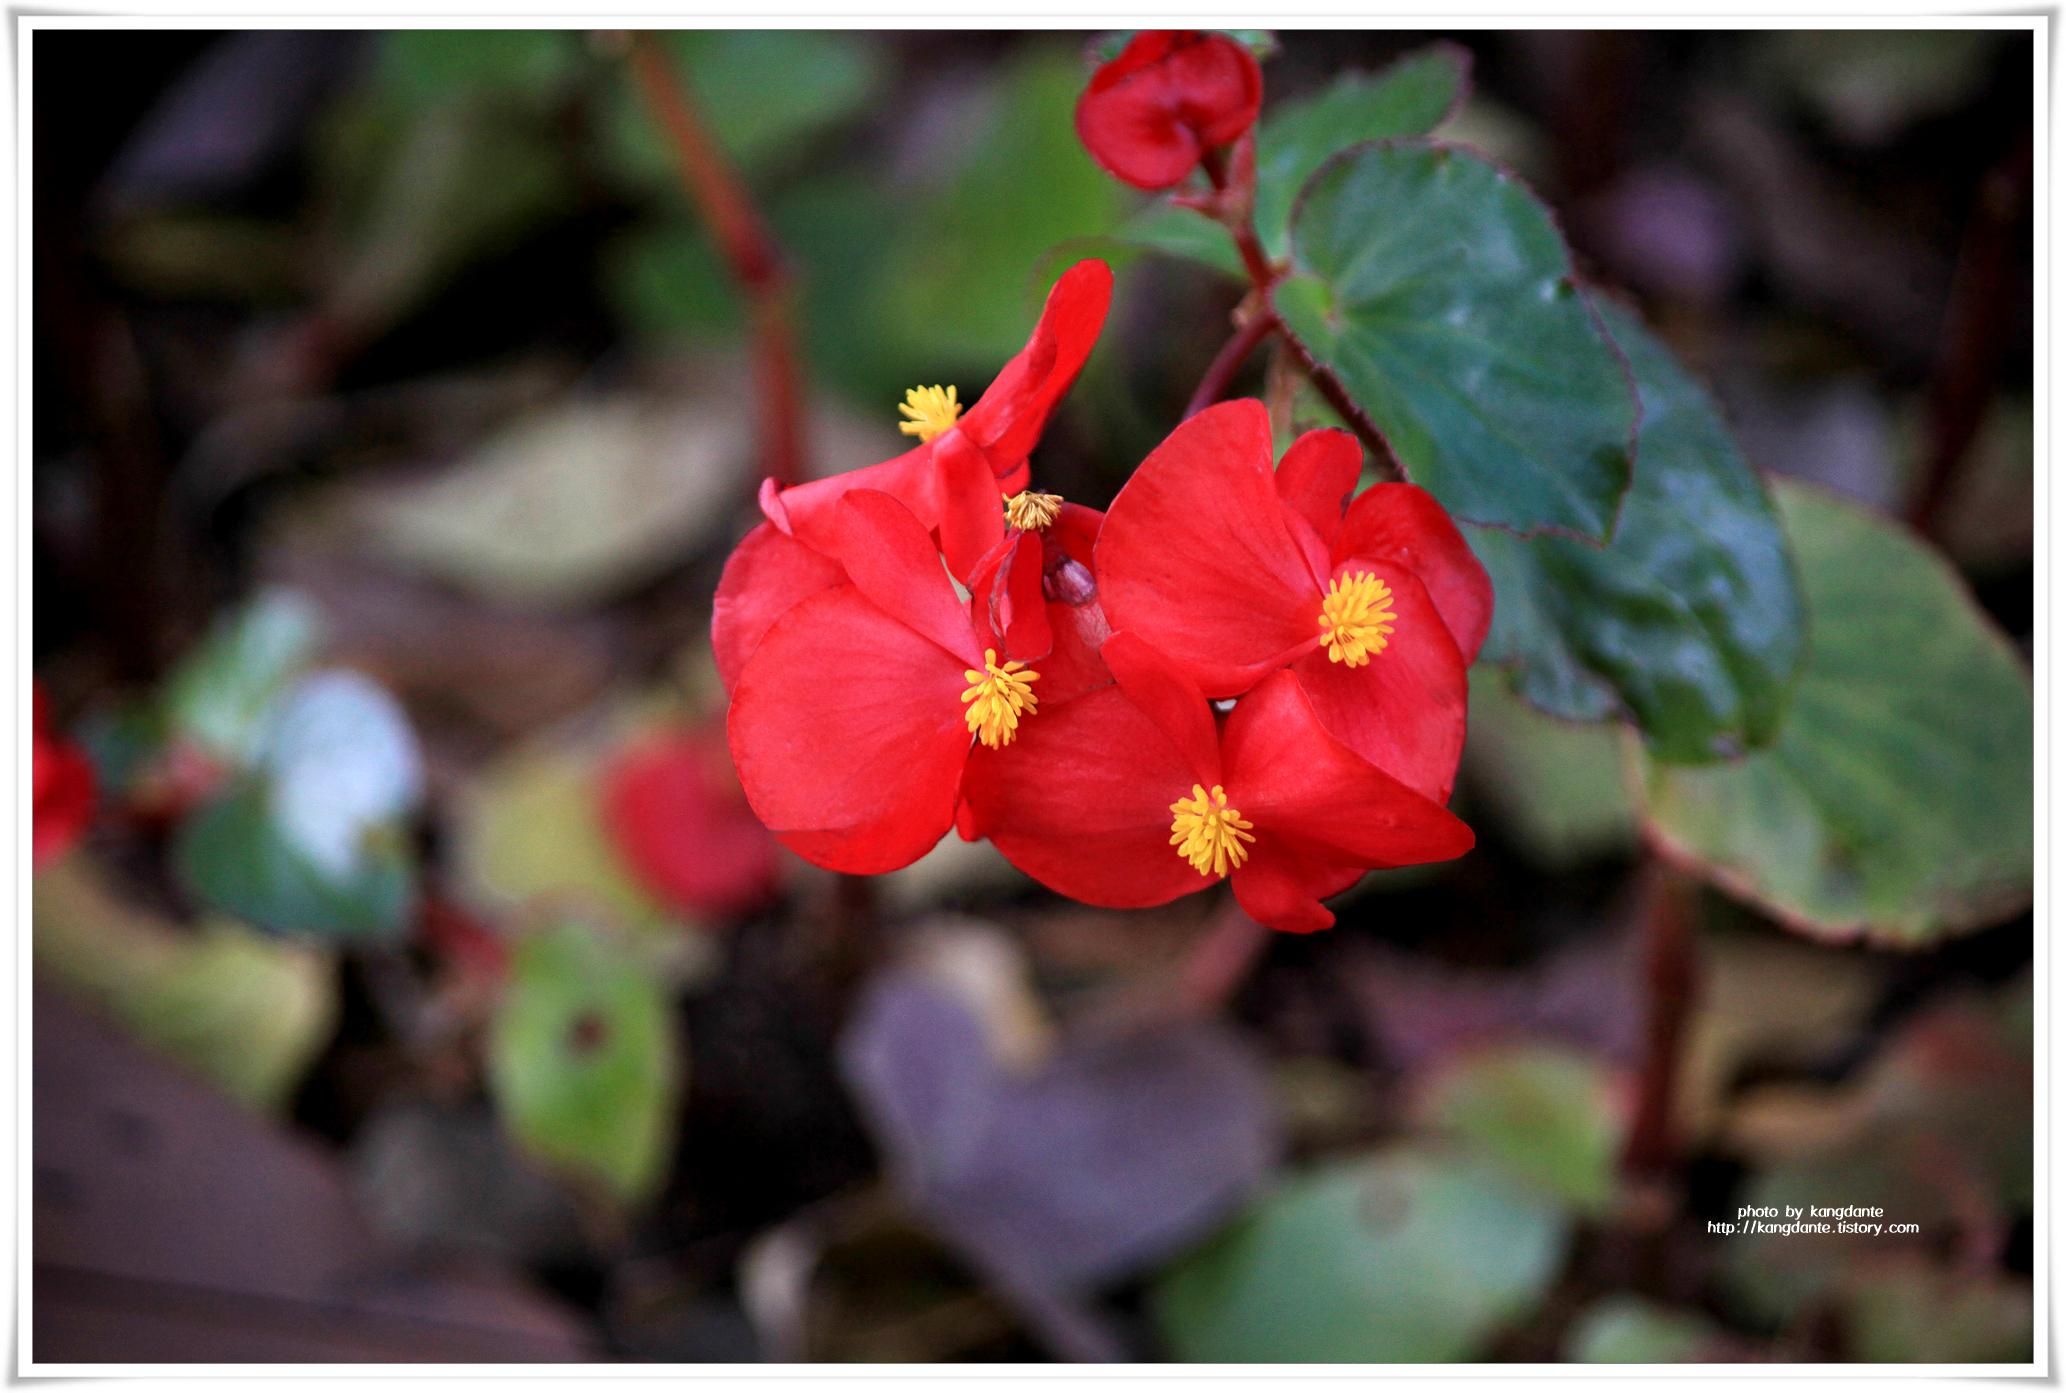 붉어서 더 화려한 베고니아(Begonia)